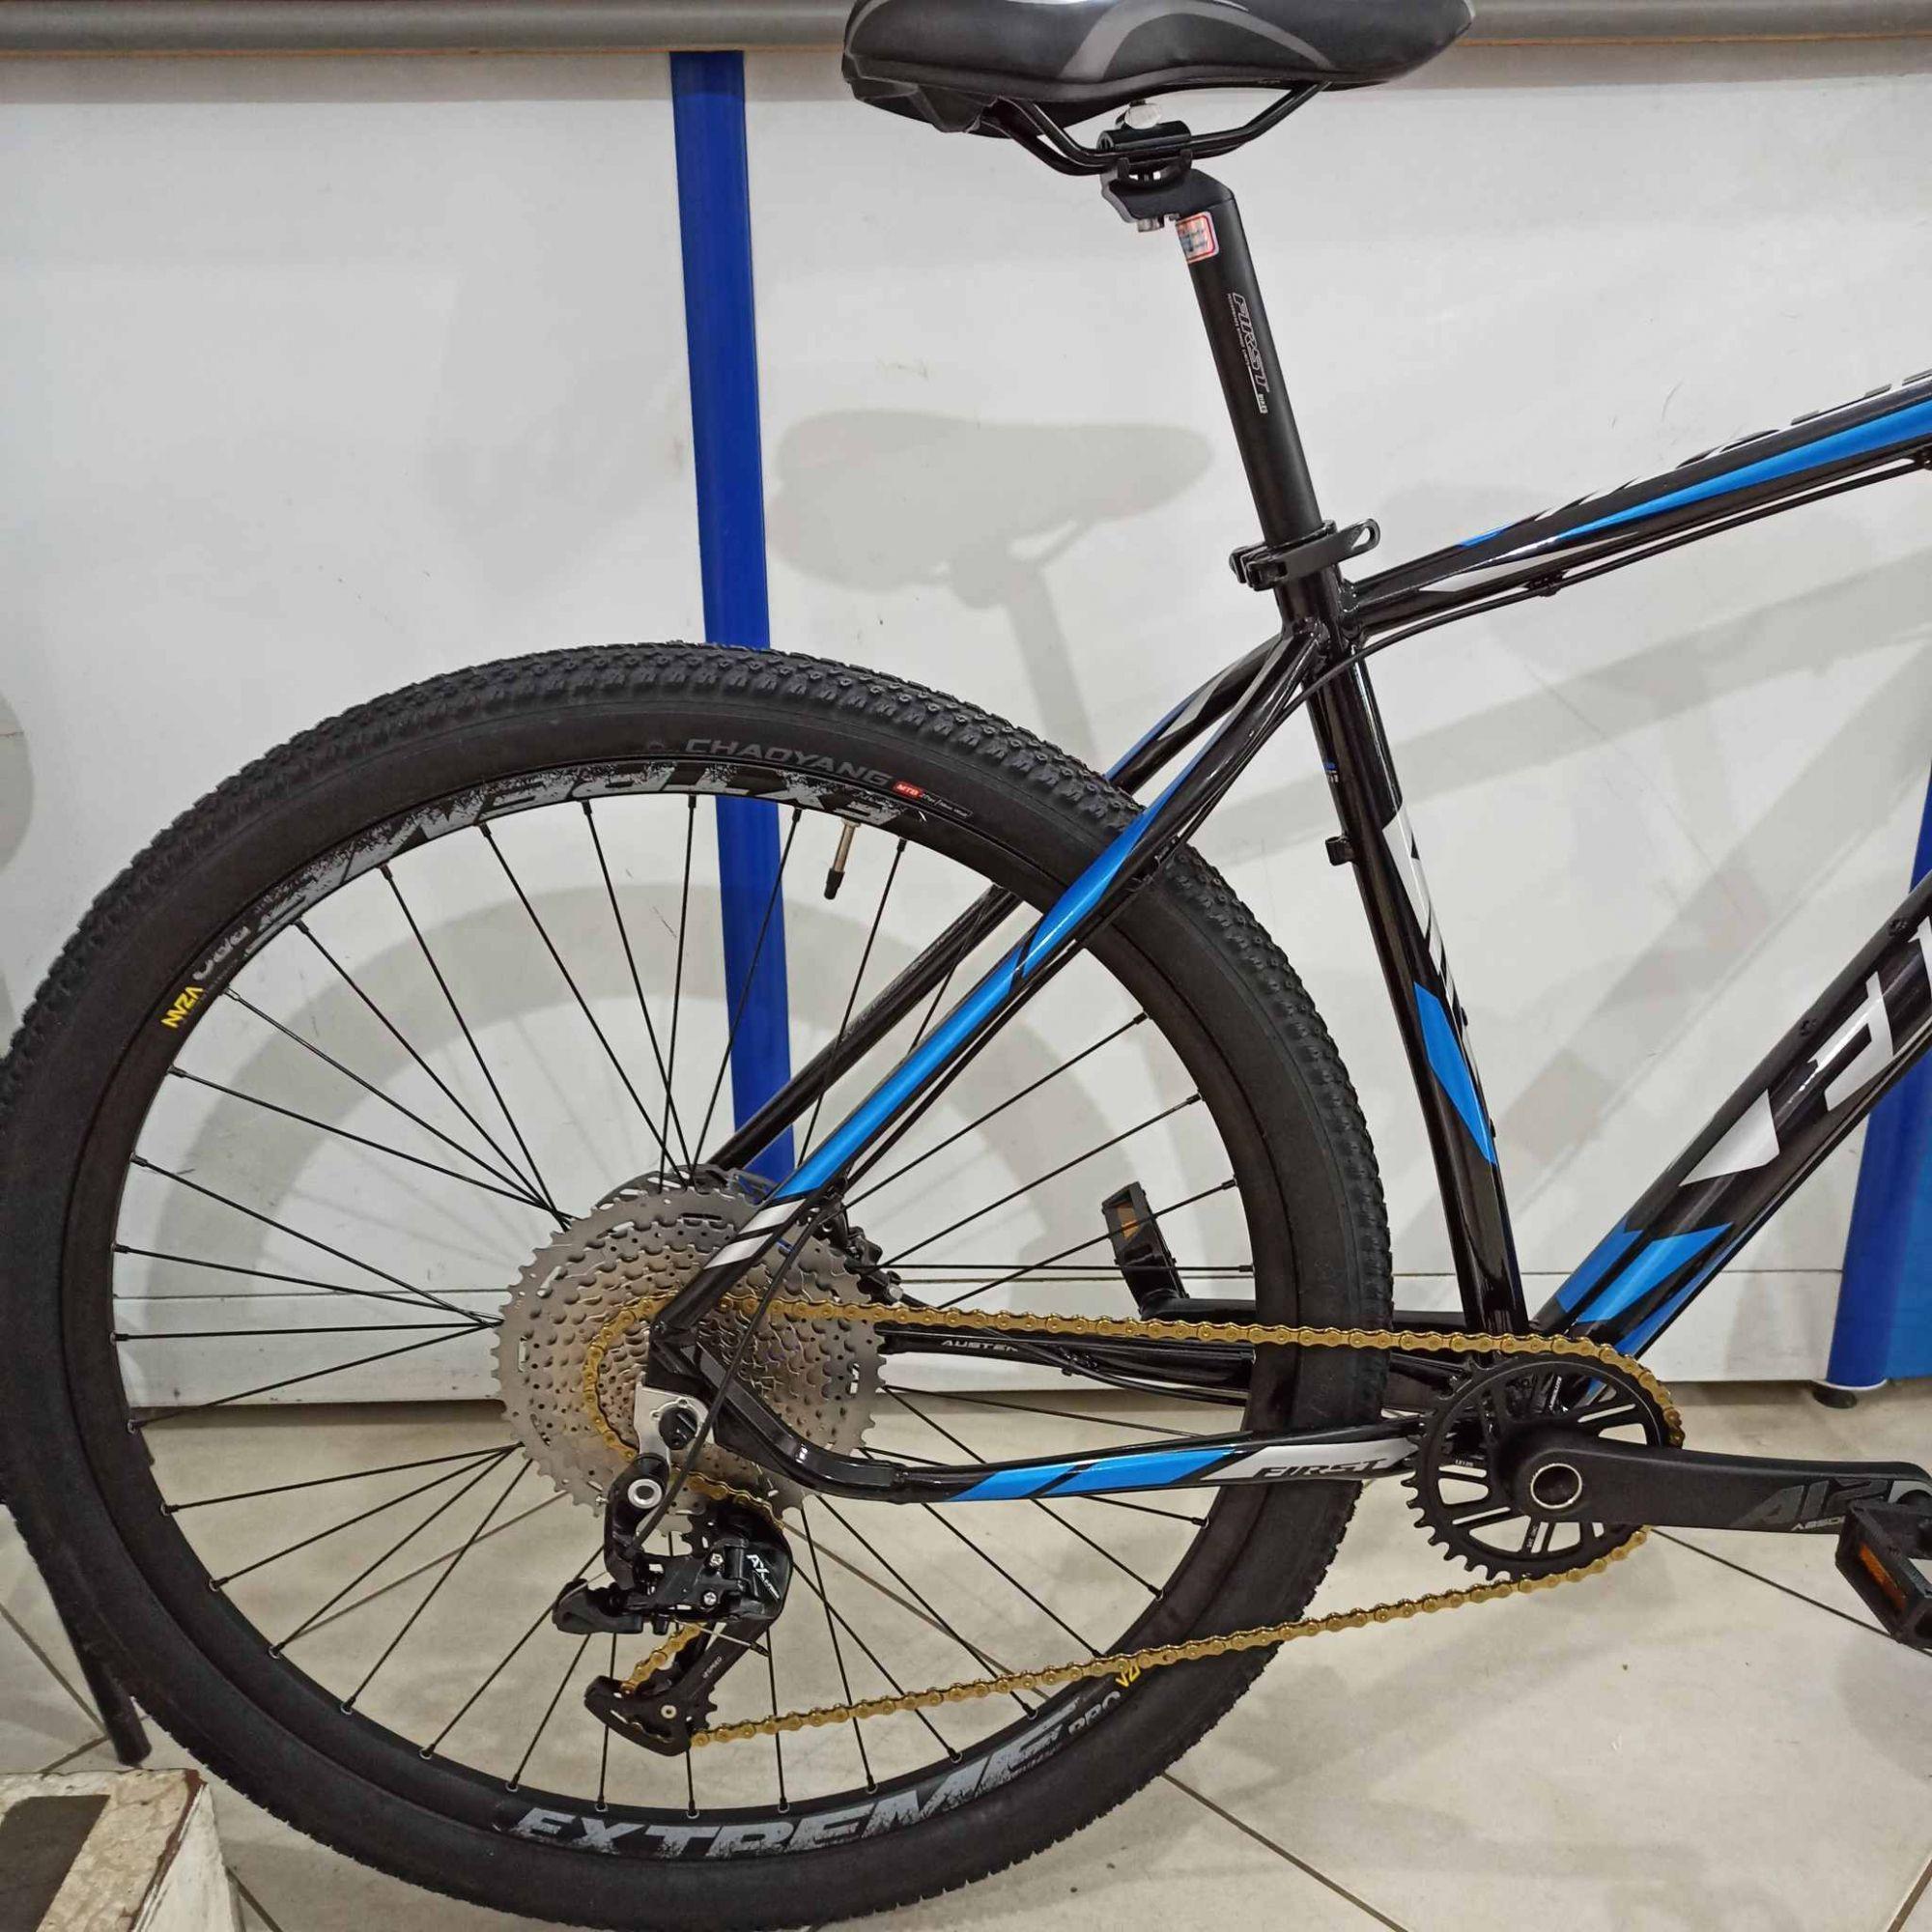 Bicicleta FIRST Austen aro 29 - 12v Ltwoo - Freio Shimano Hidráulico - Suspensão GTA trava no Guidão